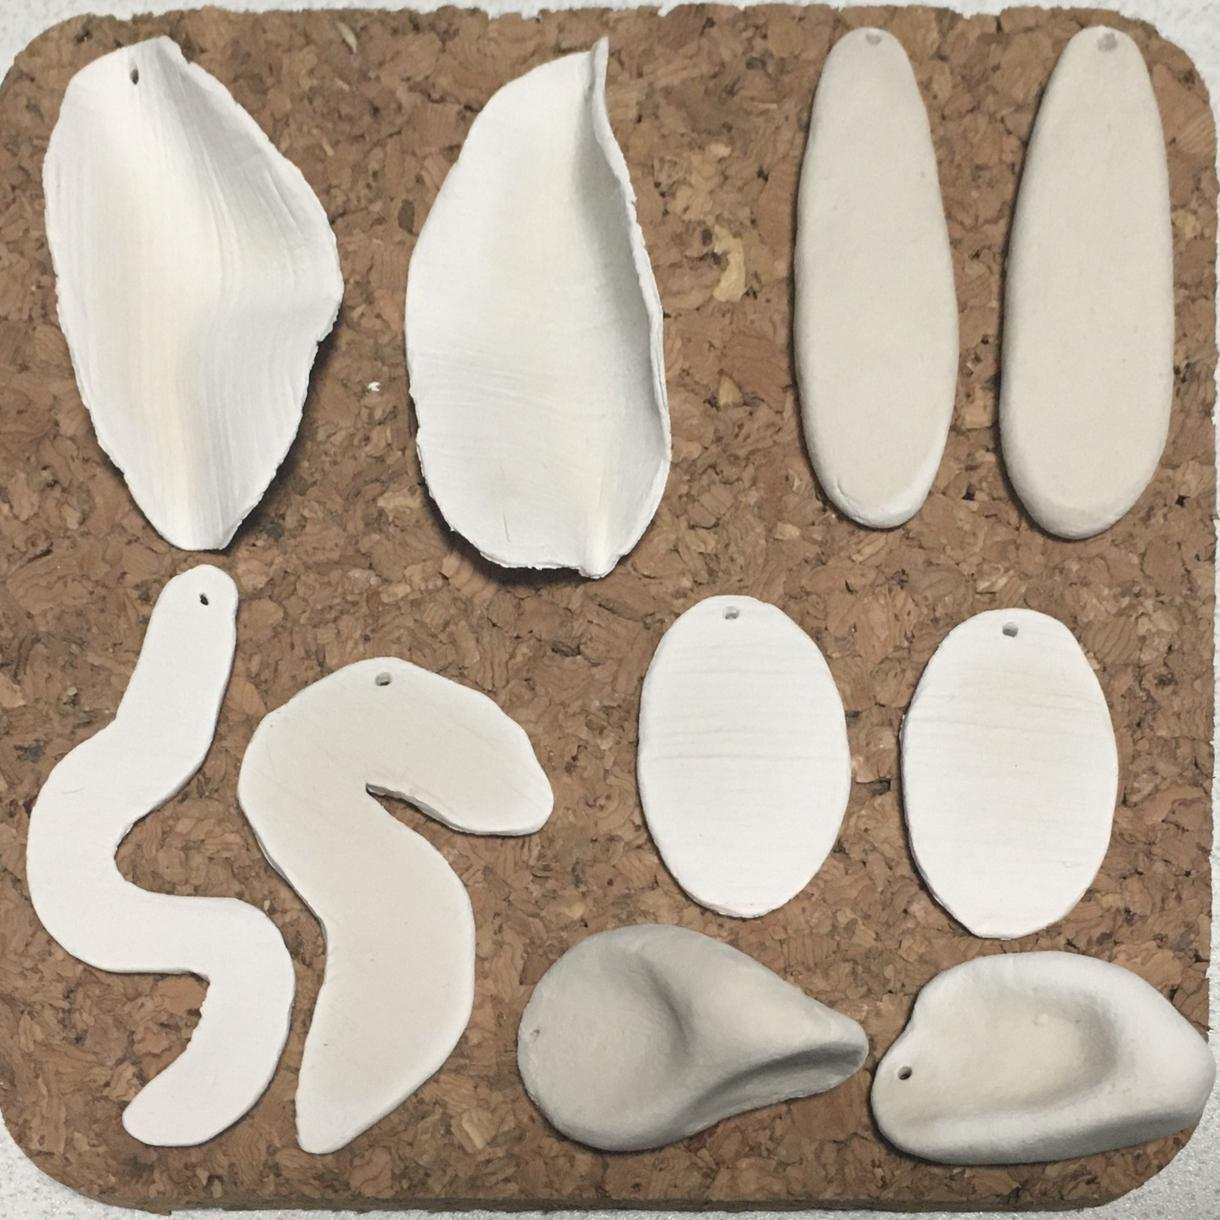 オーダーメイドでお好きなピアスつくります 軽くて着けやすい石塑粘土で、世界に一つのアクセサリーを!